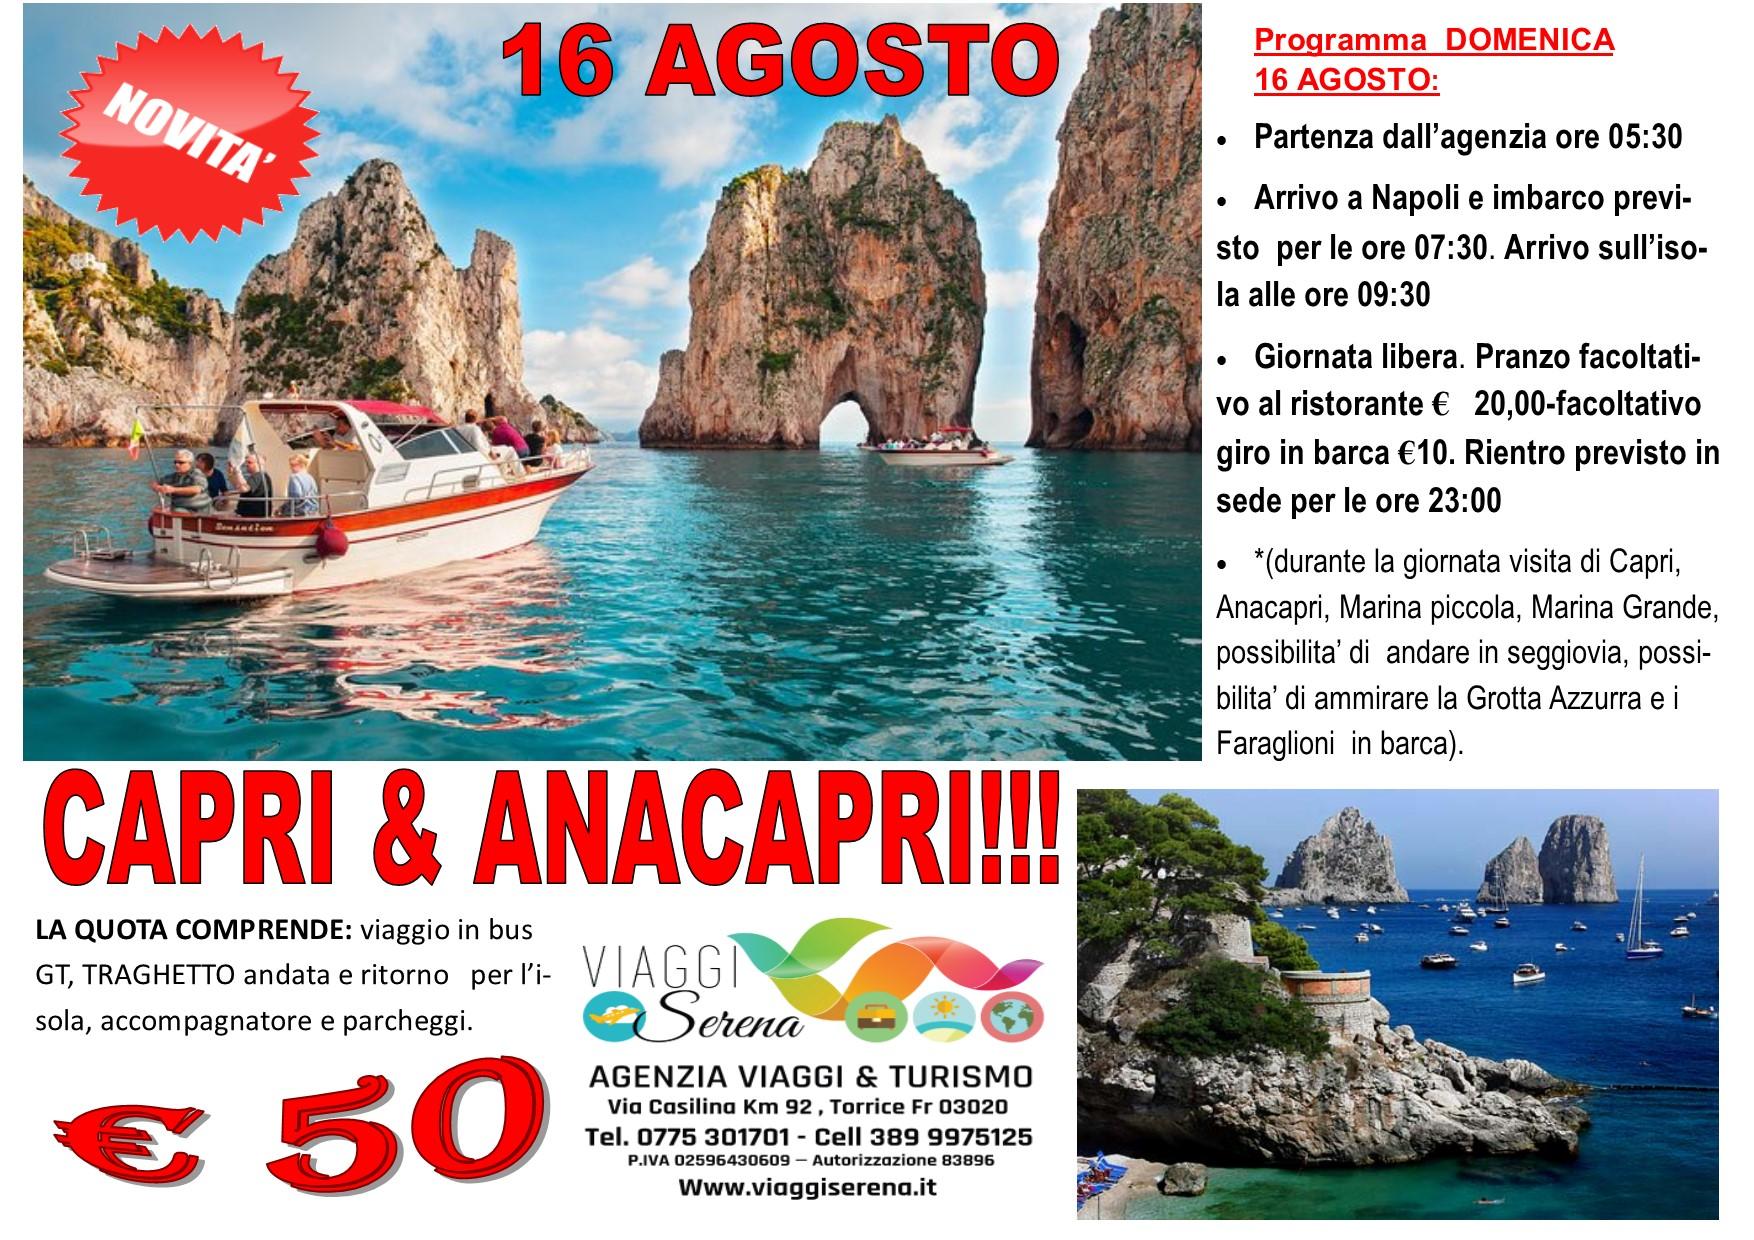 Viaggi di Gruppo: Isola di CAPRI & ANACAPRI 16 Agosto  €50,00